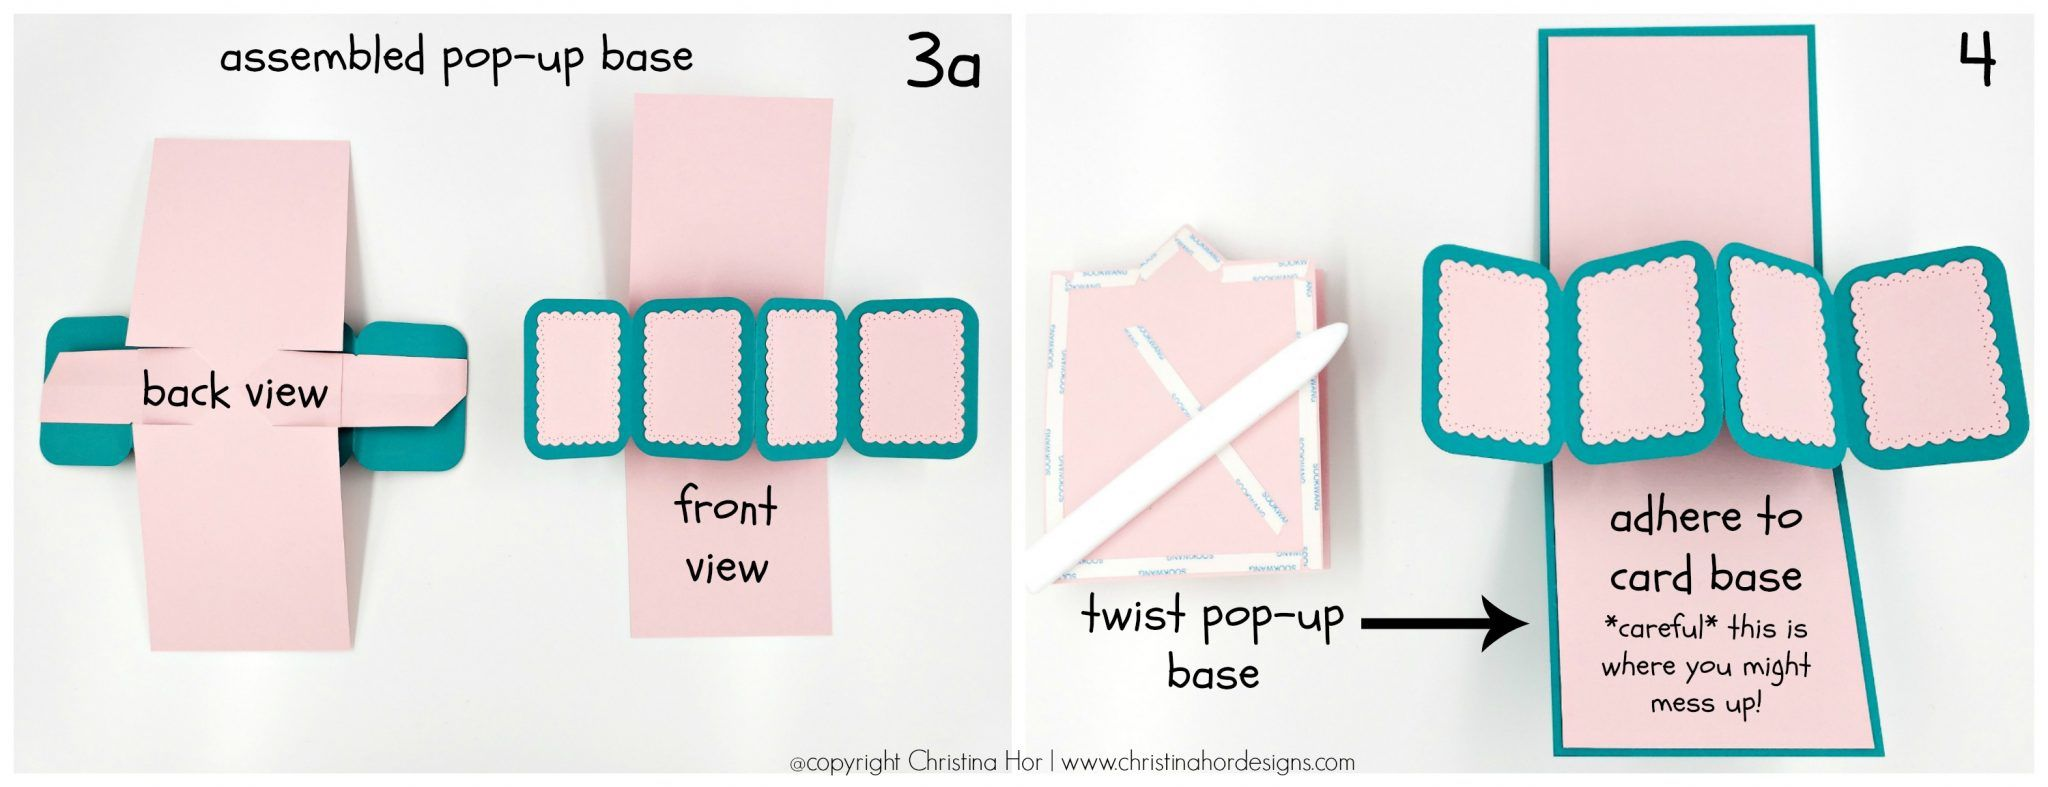 How To Make A Twist Pop Up Birthday Card Christina Hor Designs Tarjetas De Feliz Cumpleanos Tarjetas Tarjetas De Cumpleanos